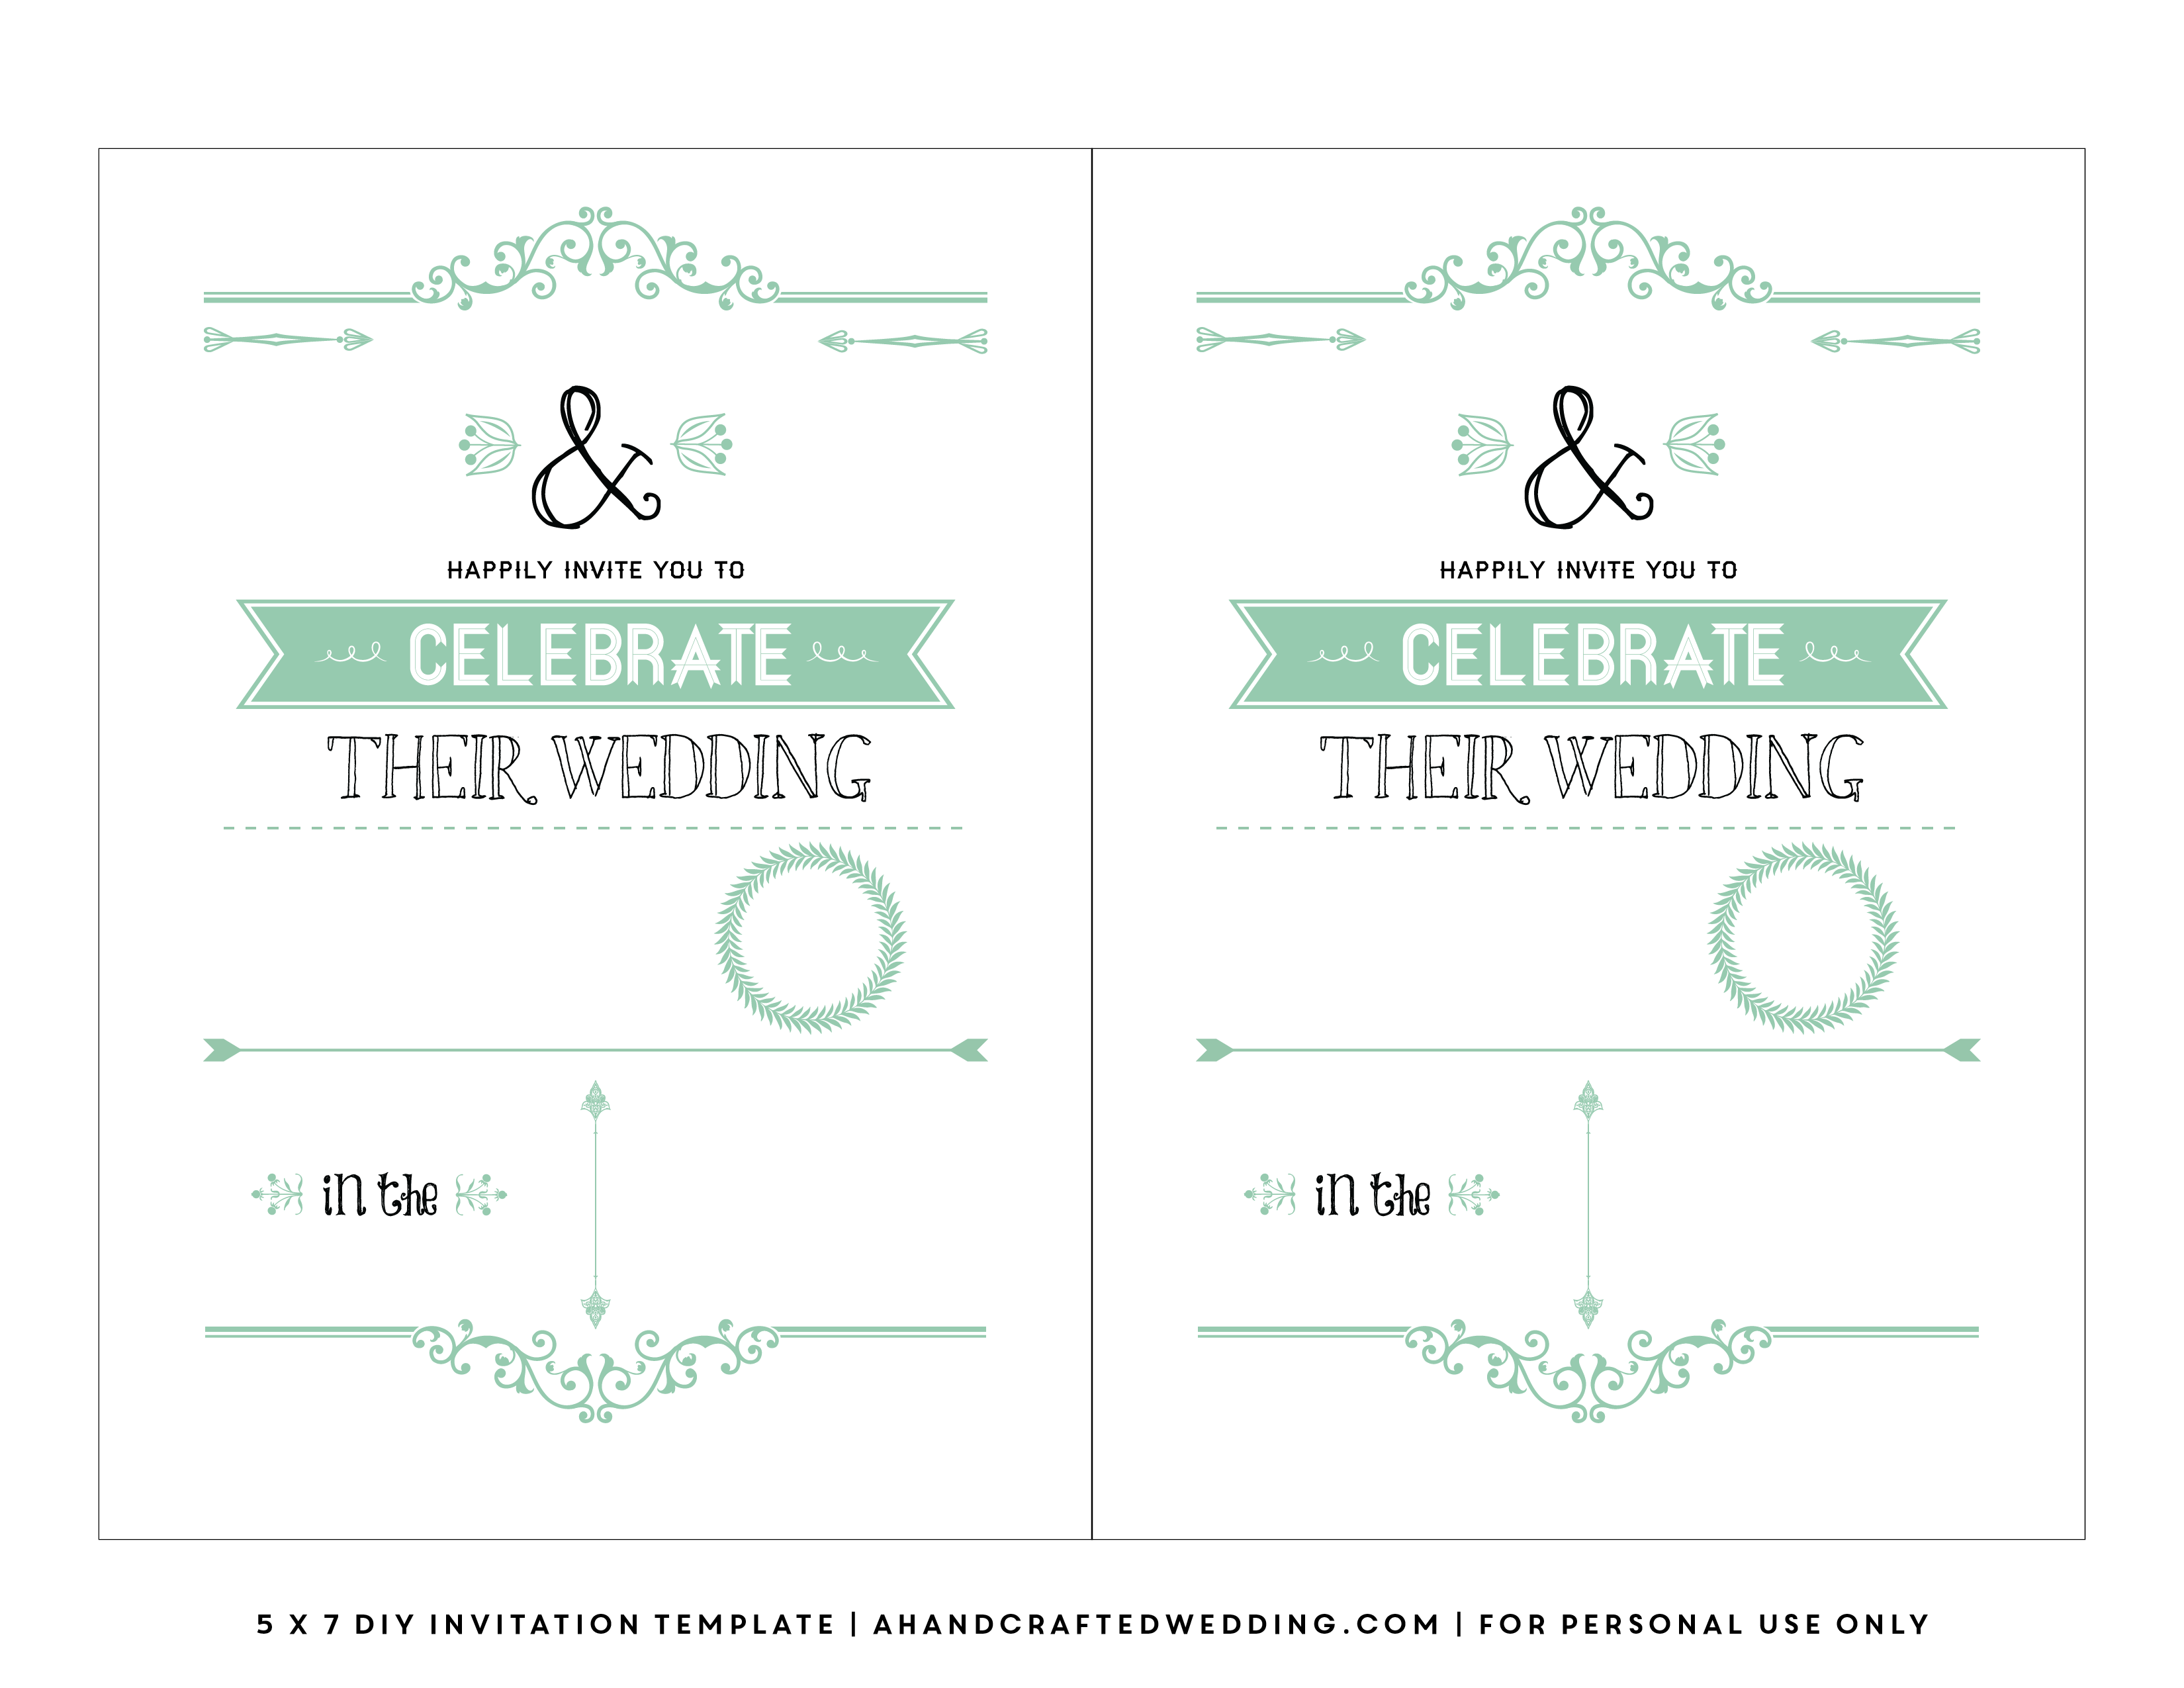 FREErusticweddinginvitationtemplateahandcraftedweddingcom - Online wedding invitations free templates